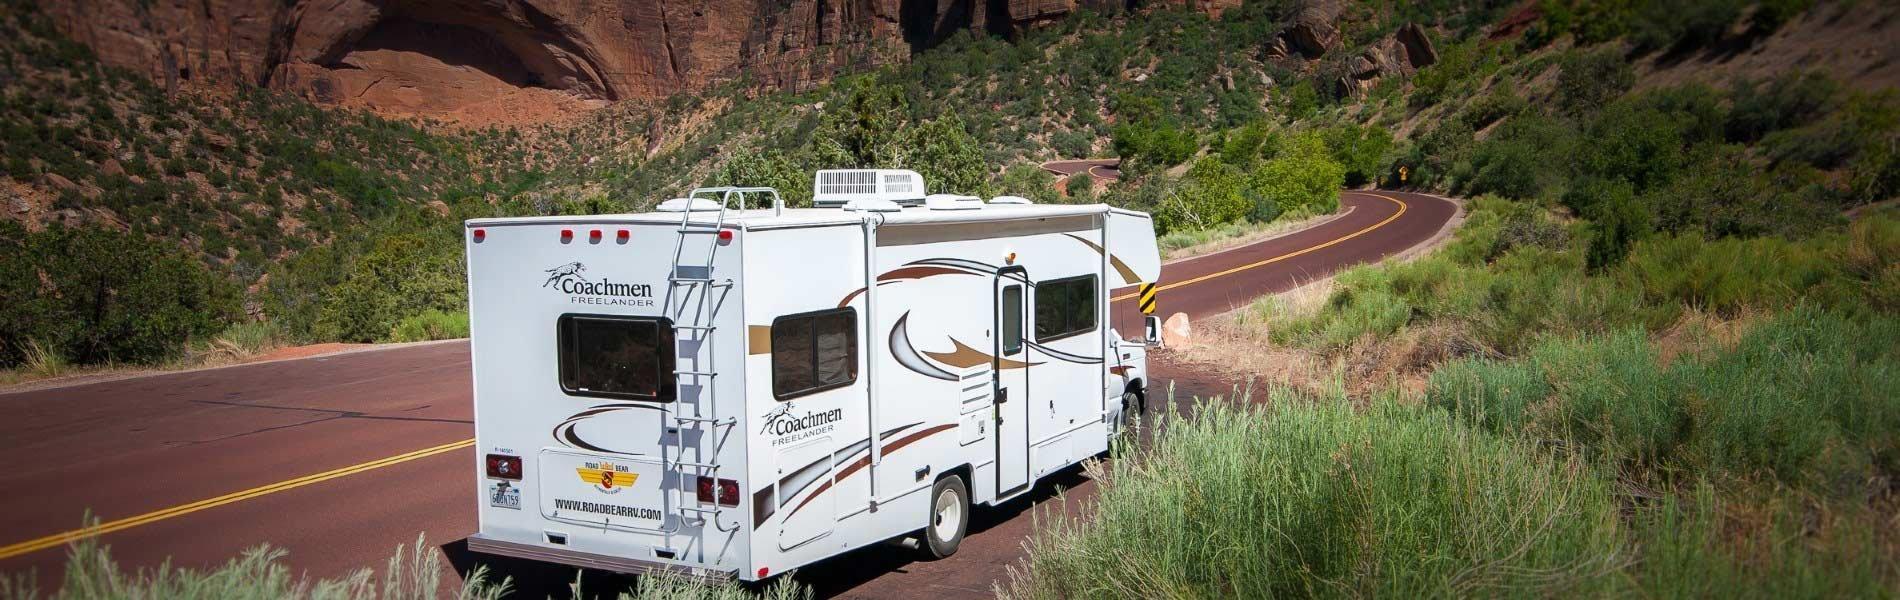 Maak een camperreis door Amerika met een camper van RoadBear